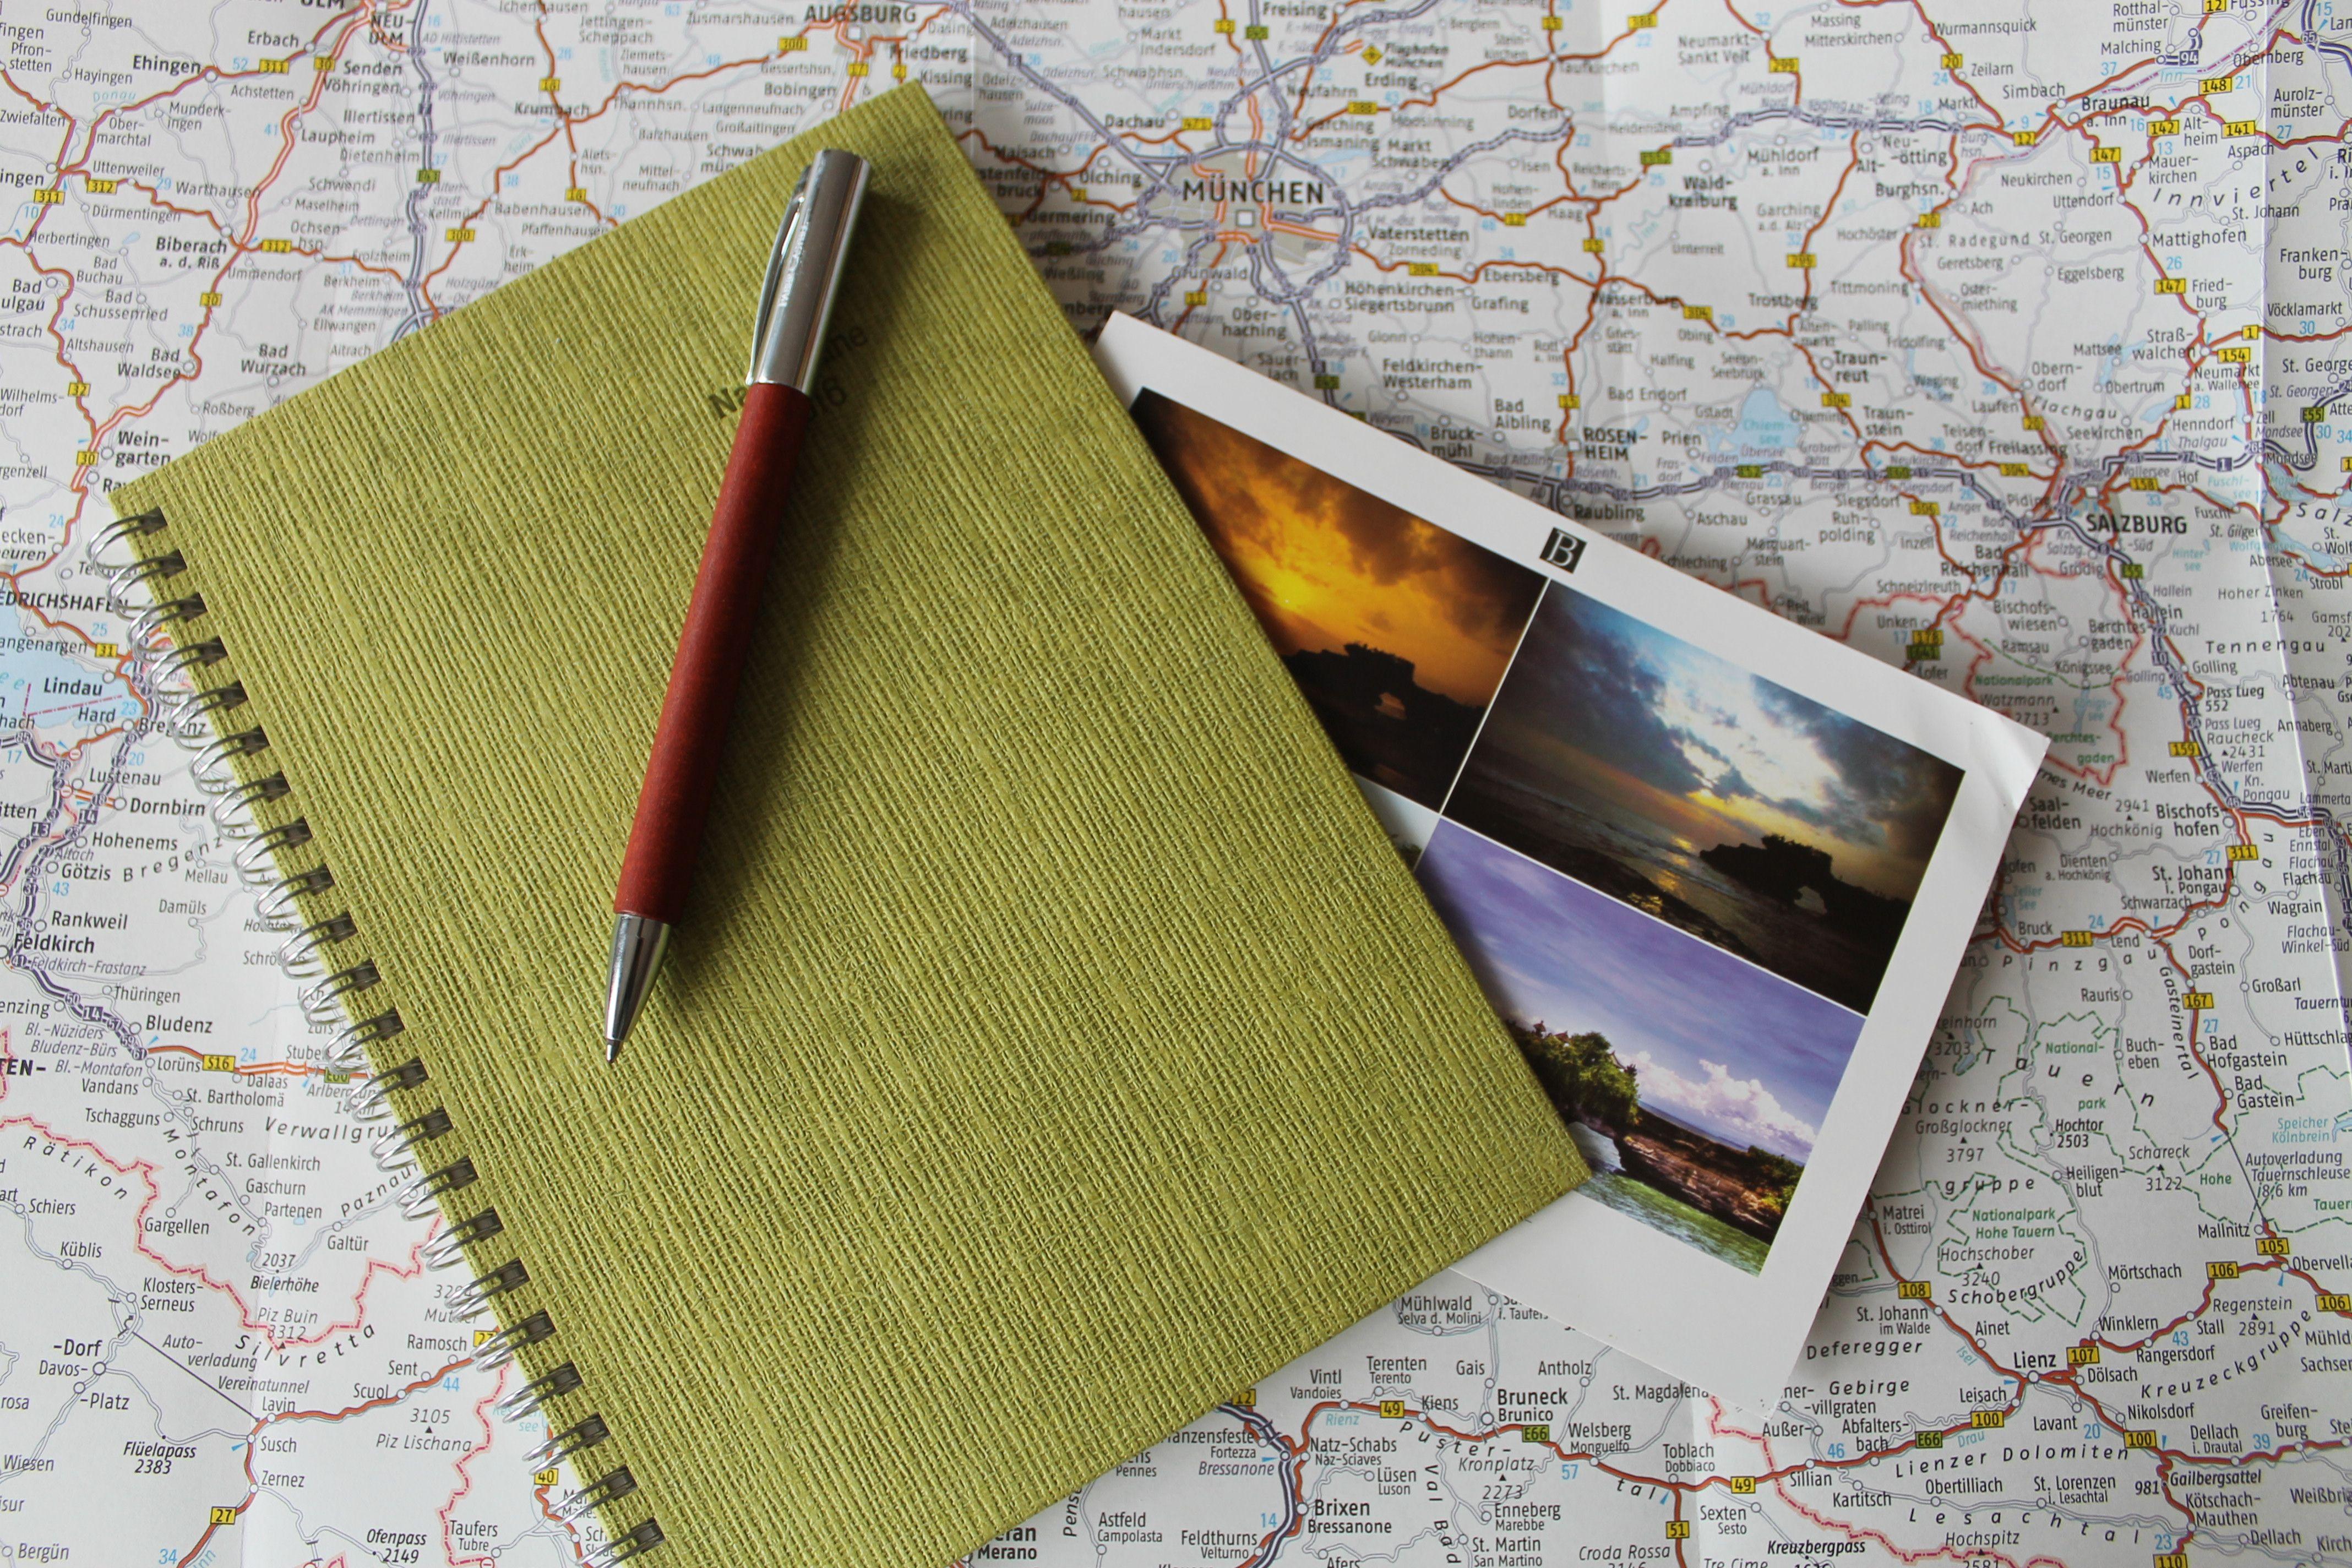 Nutze ein Reisetagebuch für deinen nächsten Familienurlaub. Die ganze Familie kann hier ihre Eindrücke auf besondere Weise festhalten.